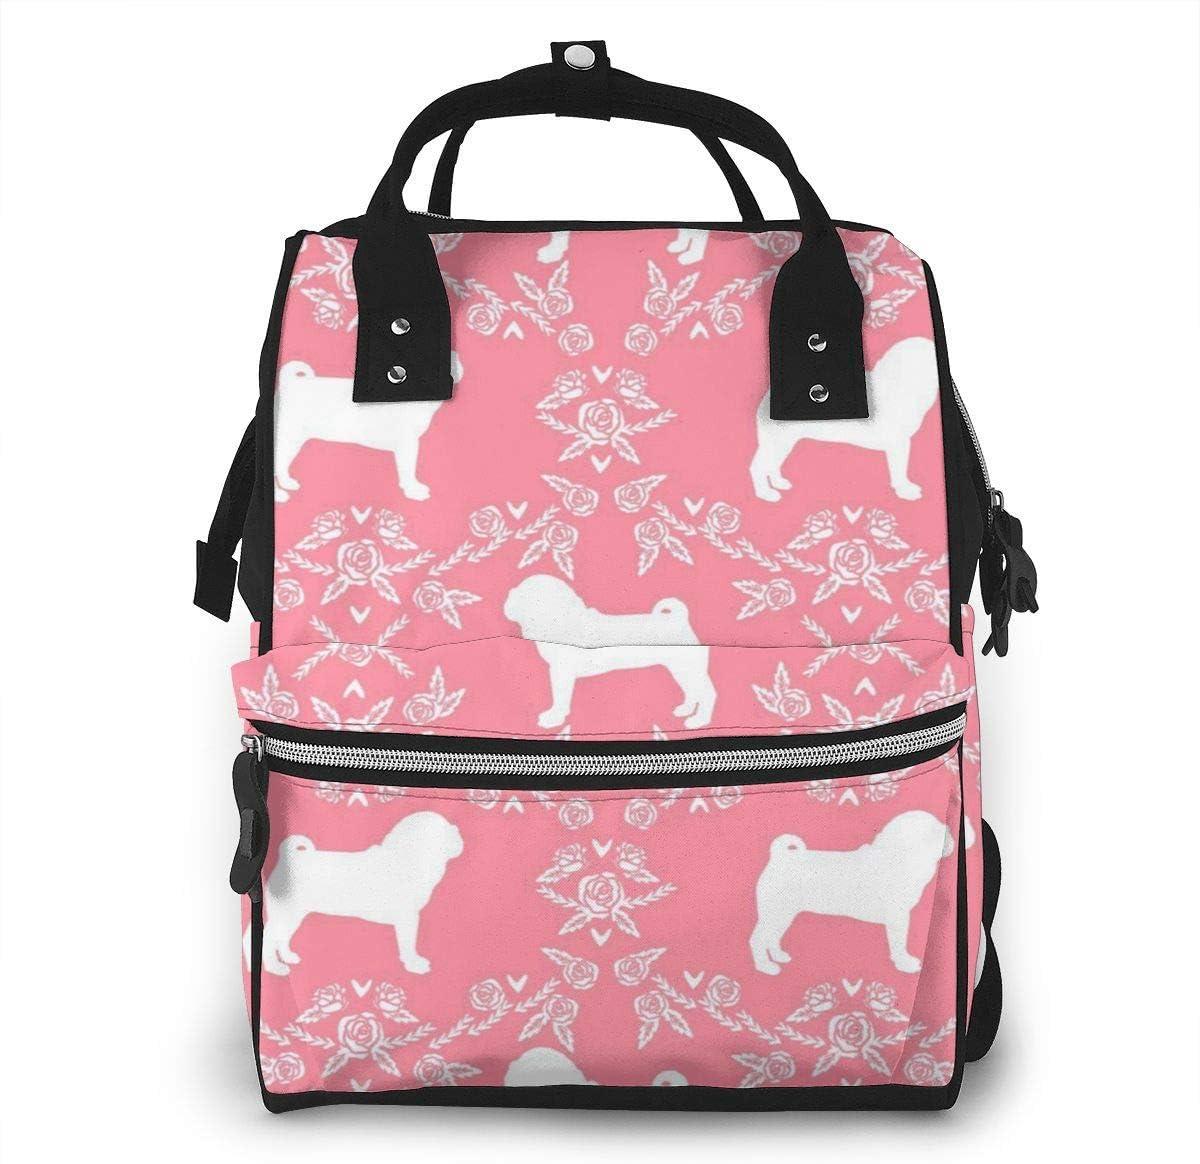 nbvncvbnbv Bolsa de pañales para bebés Pug Raza de perro Silueta Mochila floral Multifunción Bolsas de pañales impermeables de viaje Capacidad Paquete de diseño de moda creativa Mochilas casuales